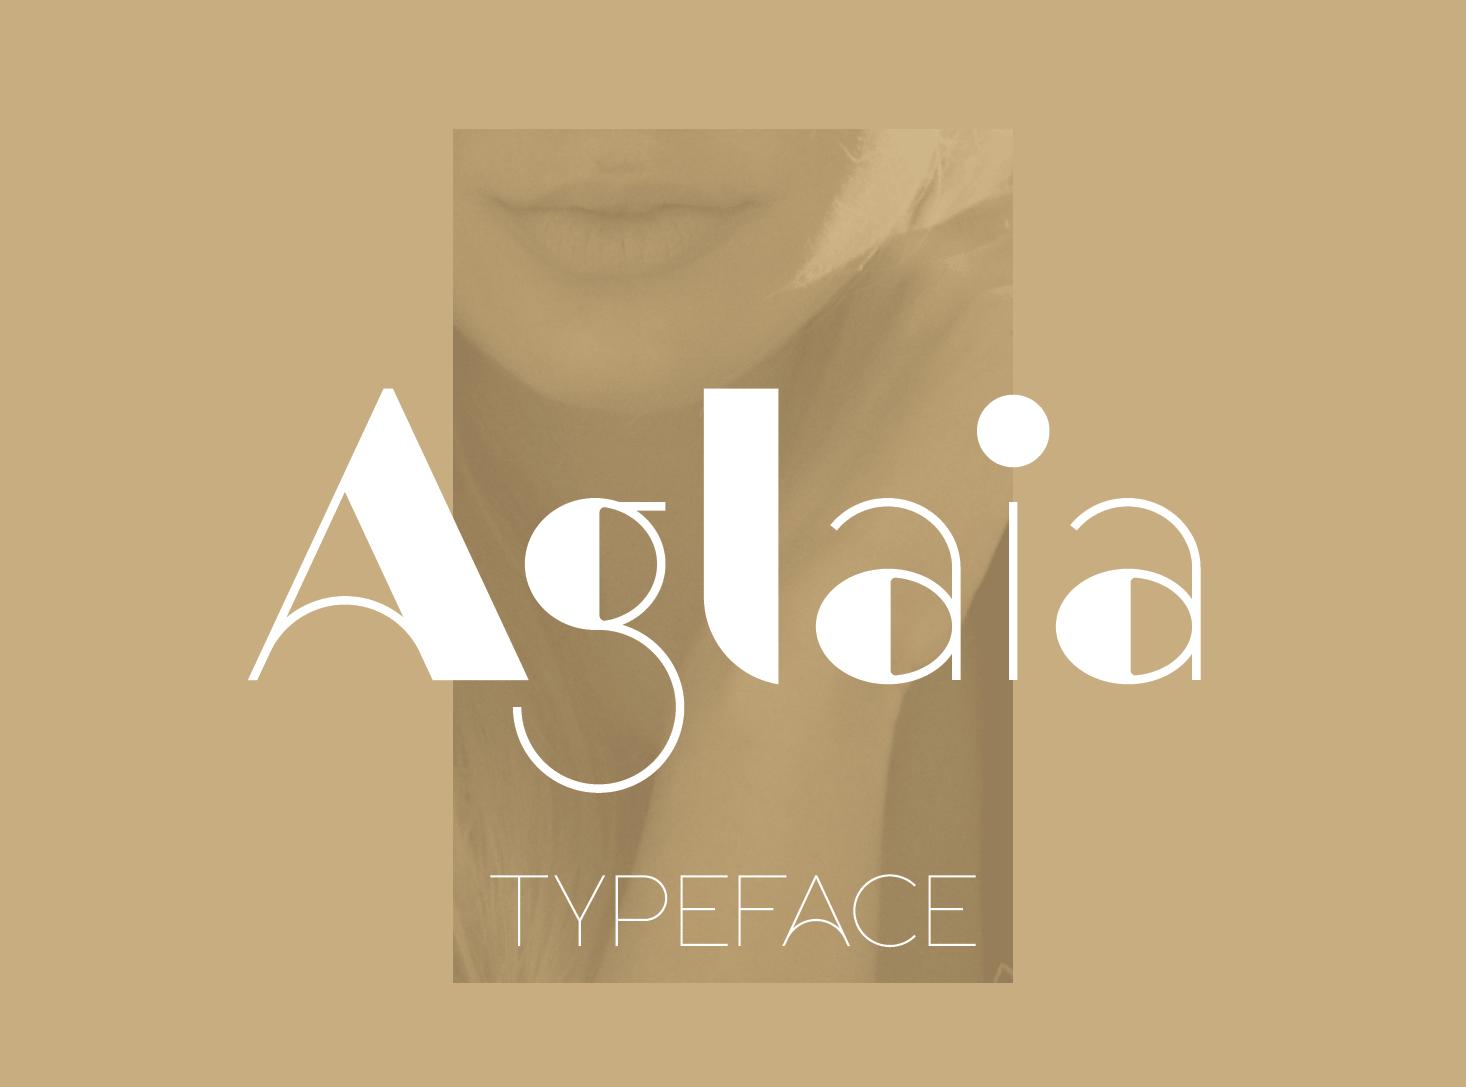 Aglaia typeface